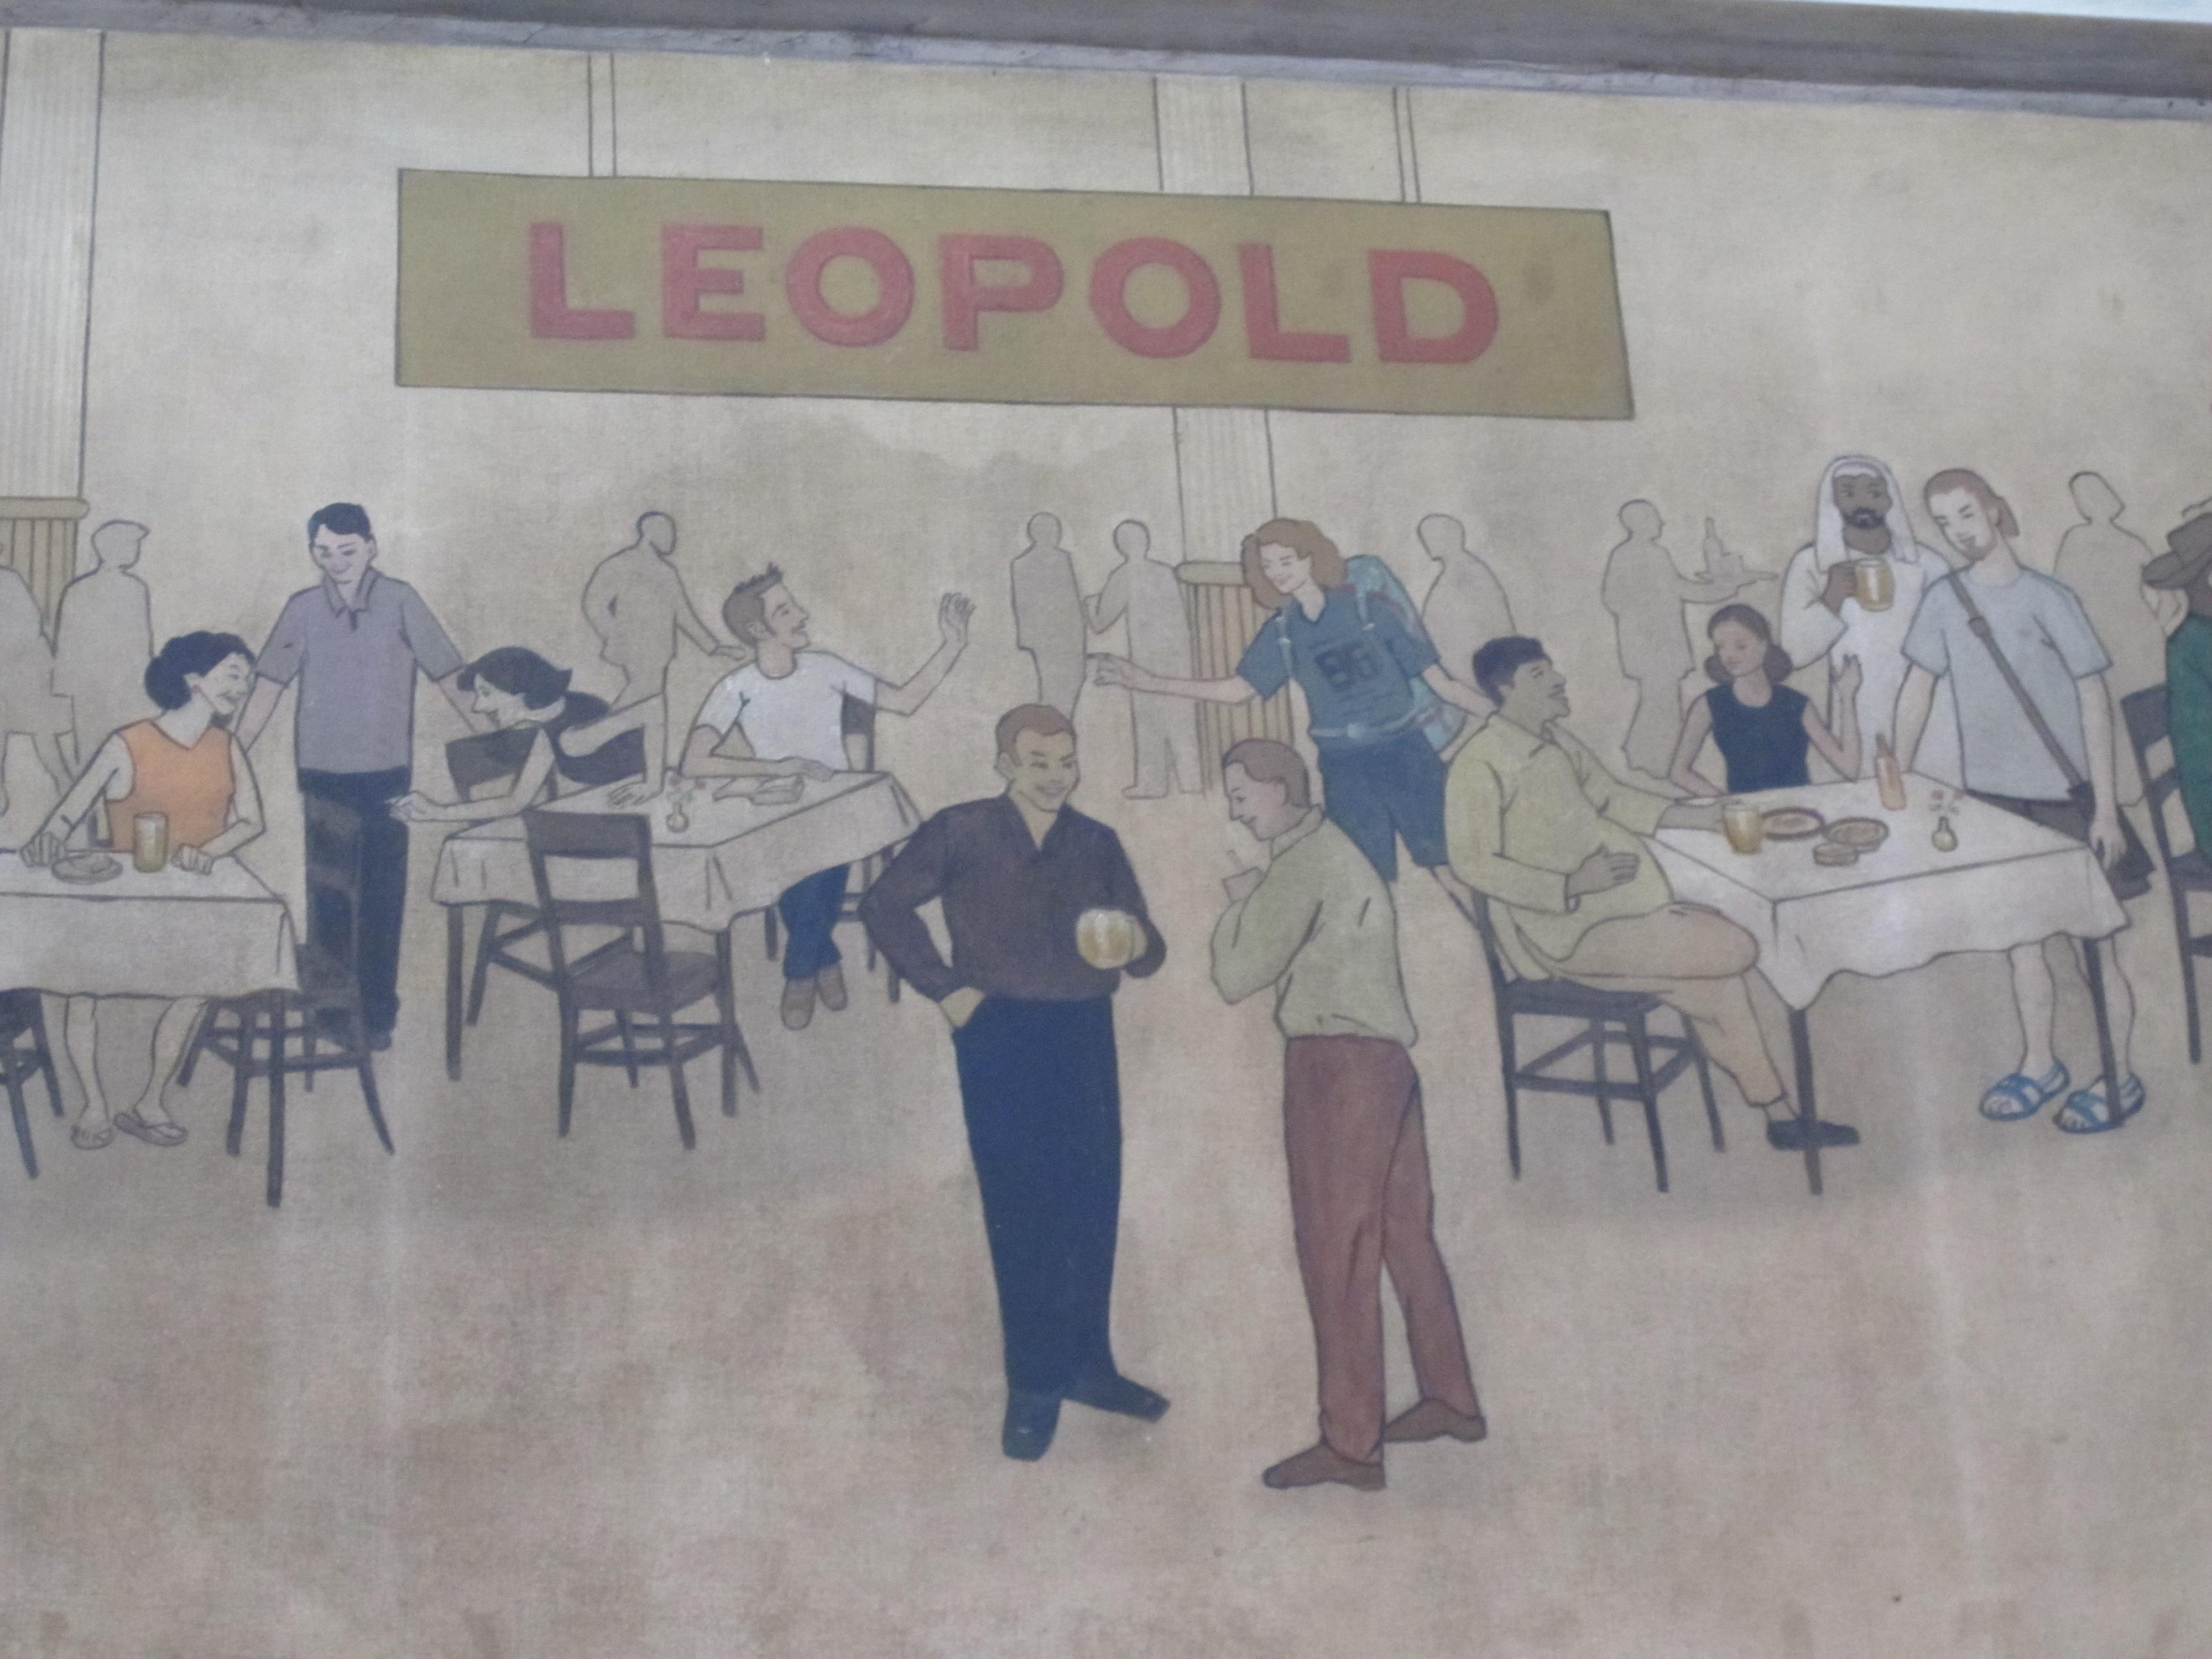 Café Leopold